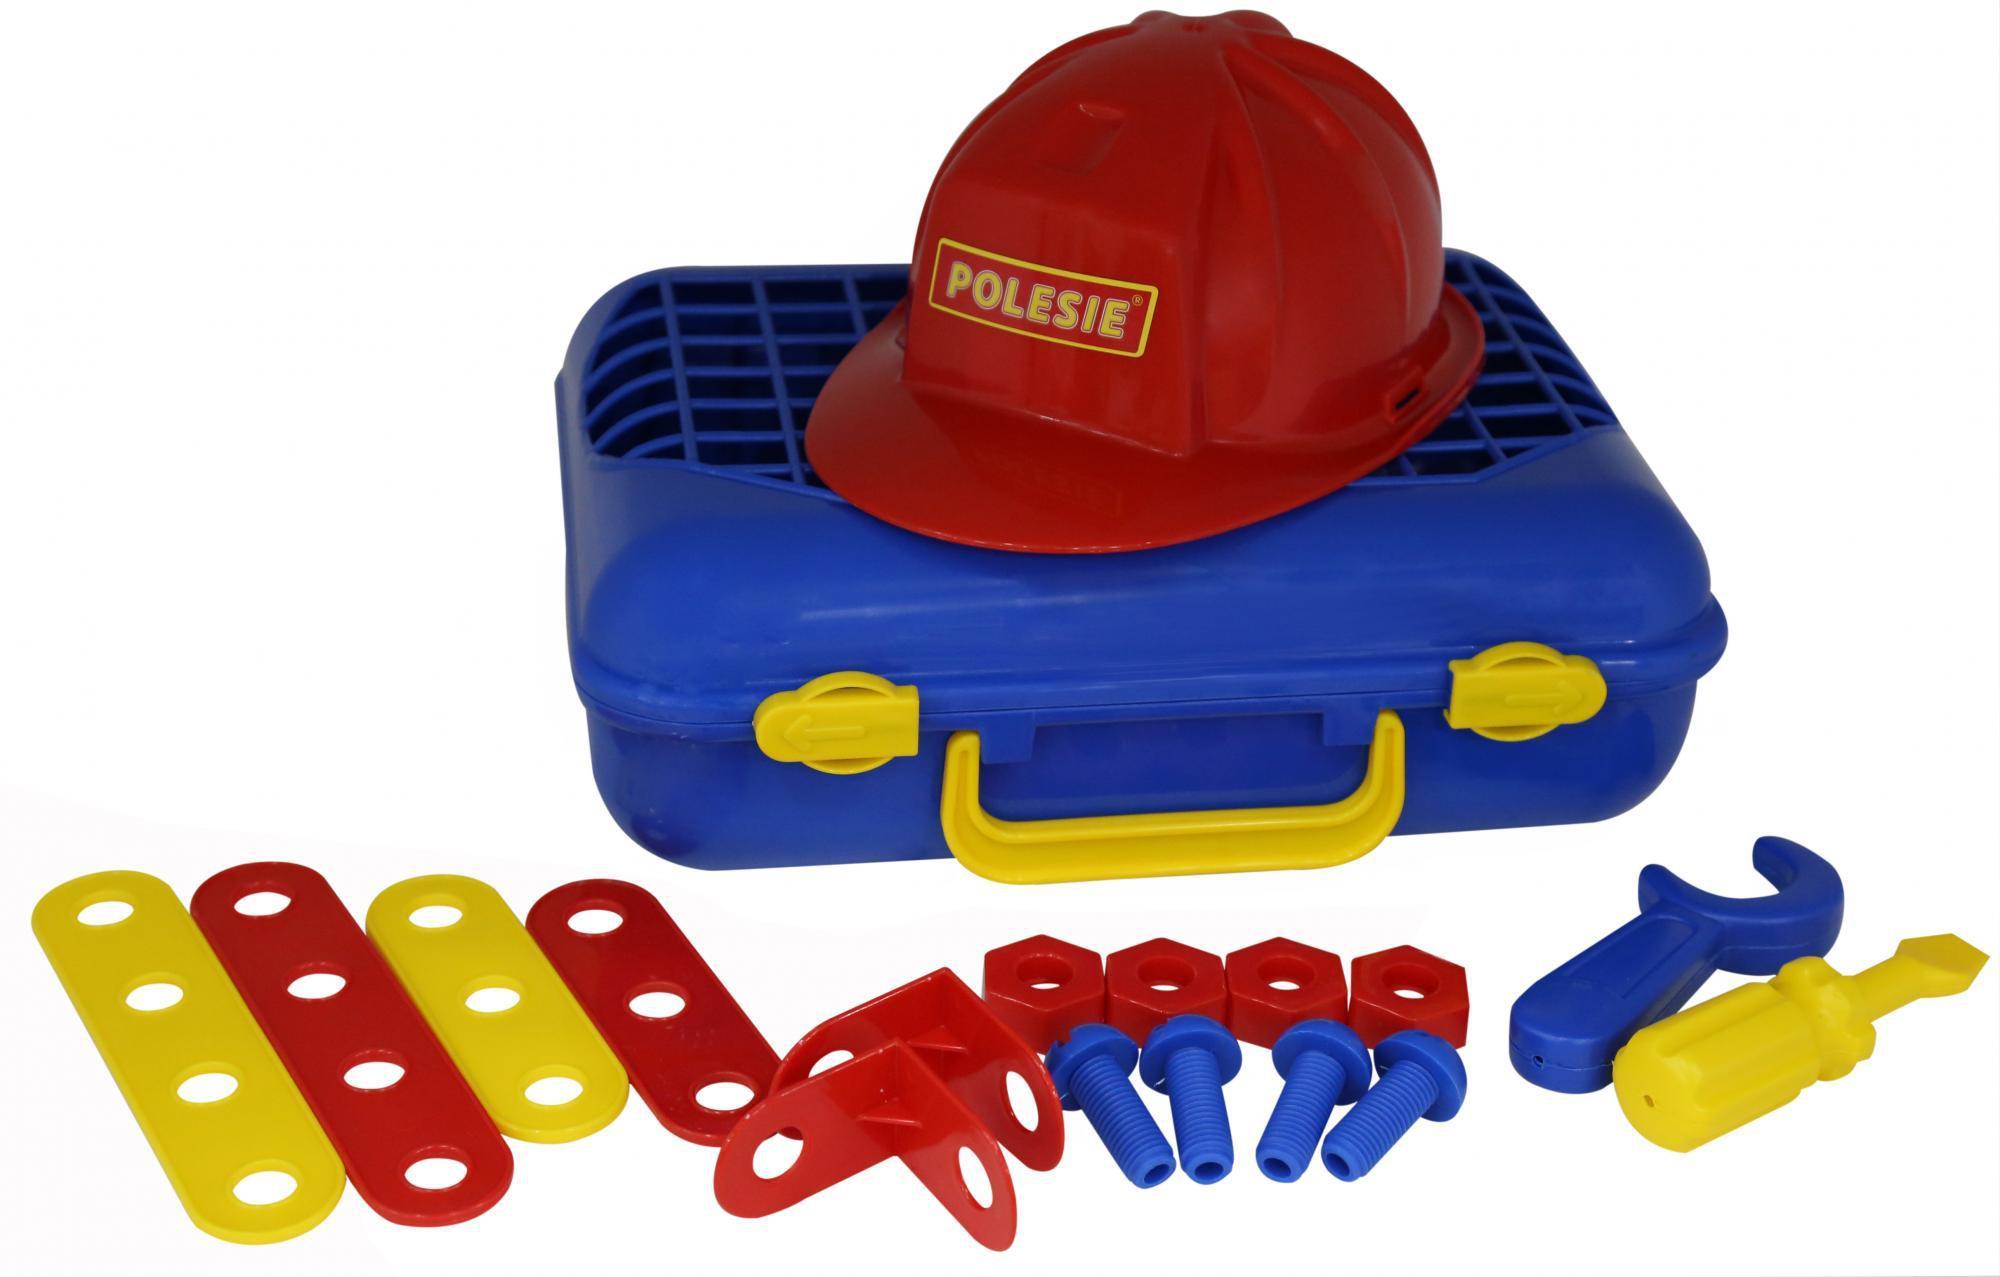 Наборы игрушечных инструментов Полесье Механик 2 31 элемент (в чемодане) цена и фото